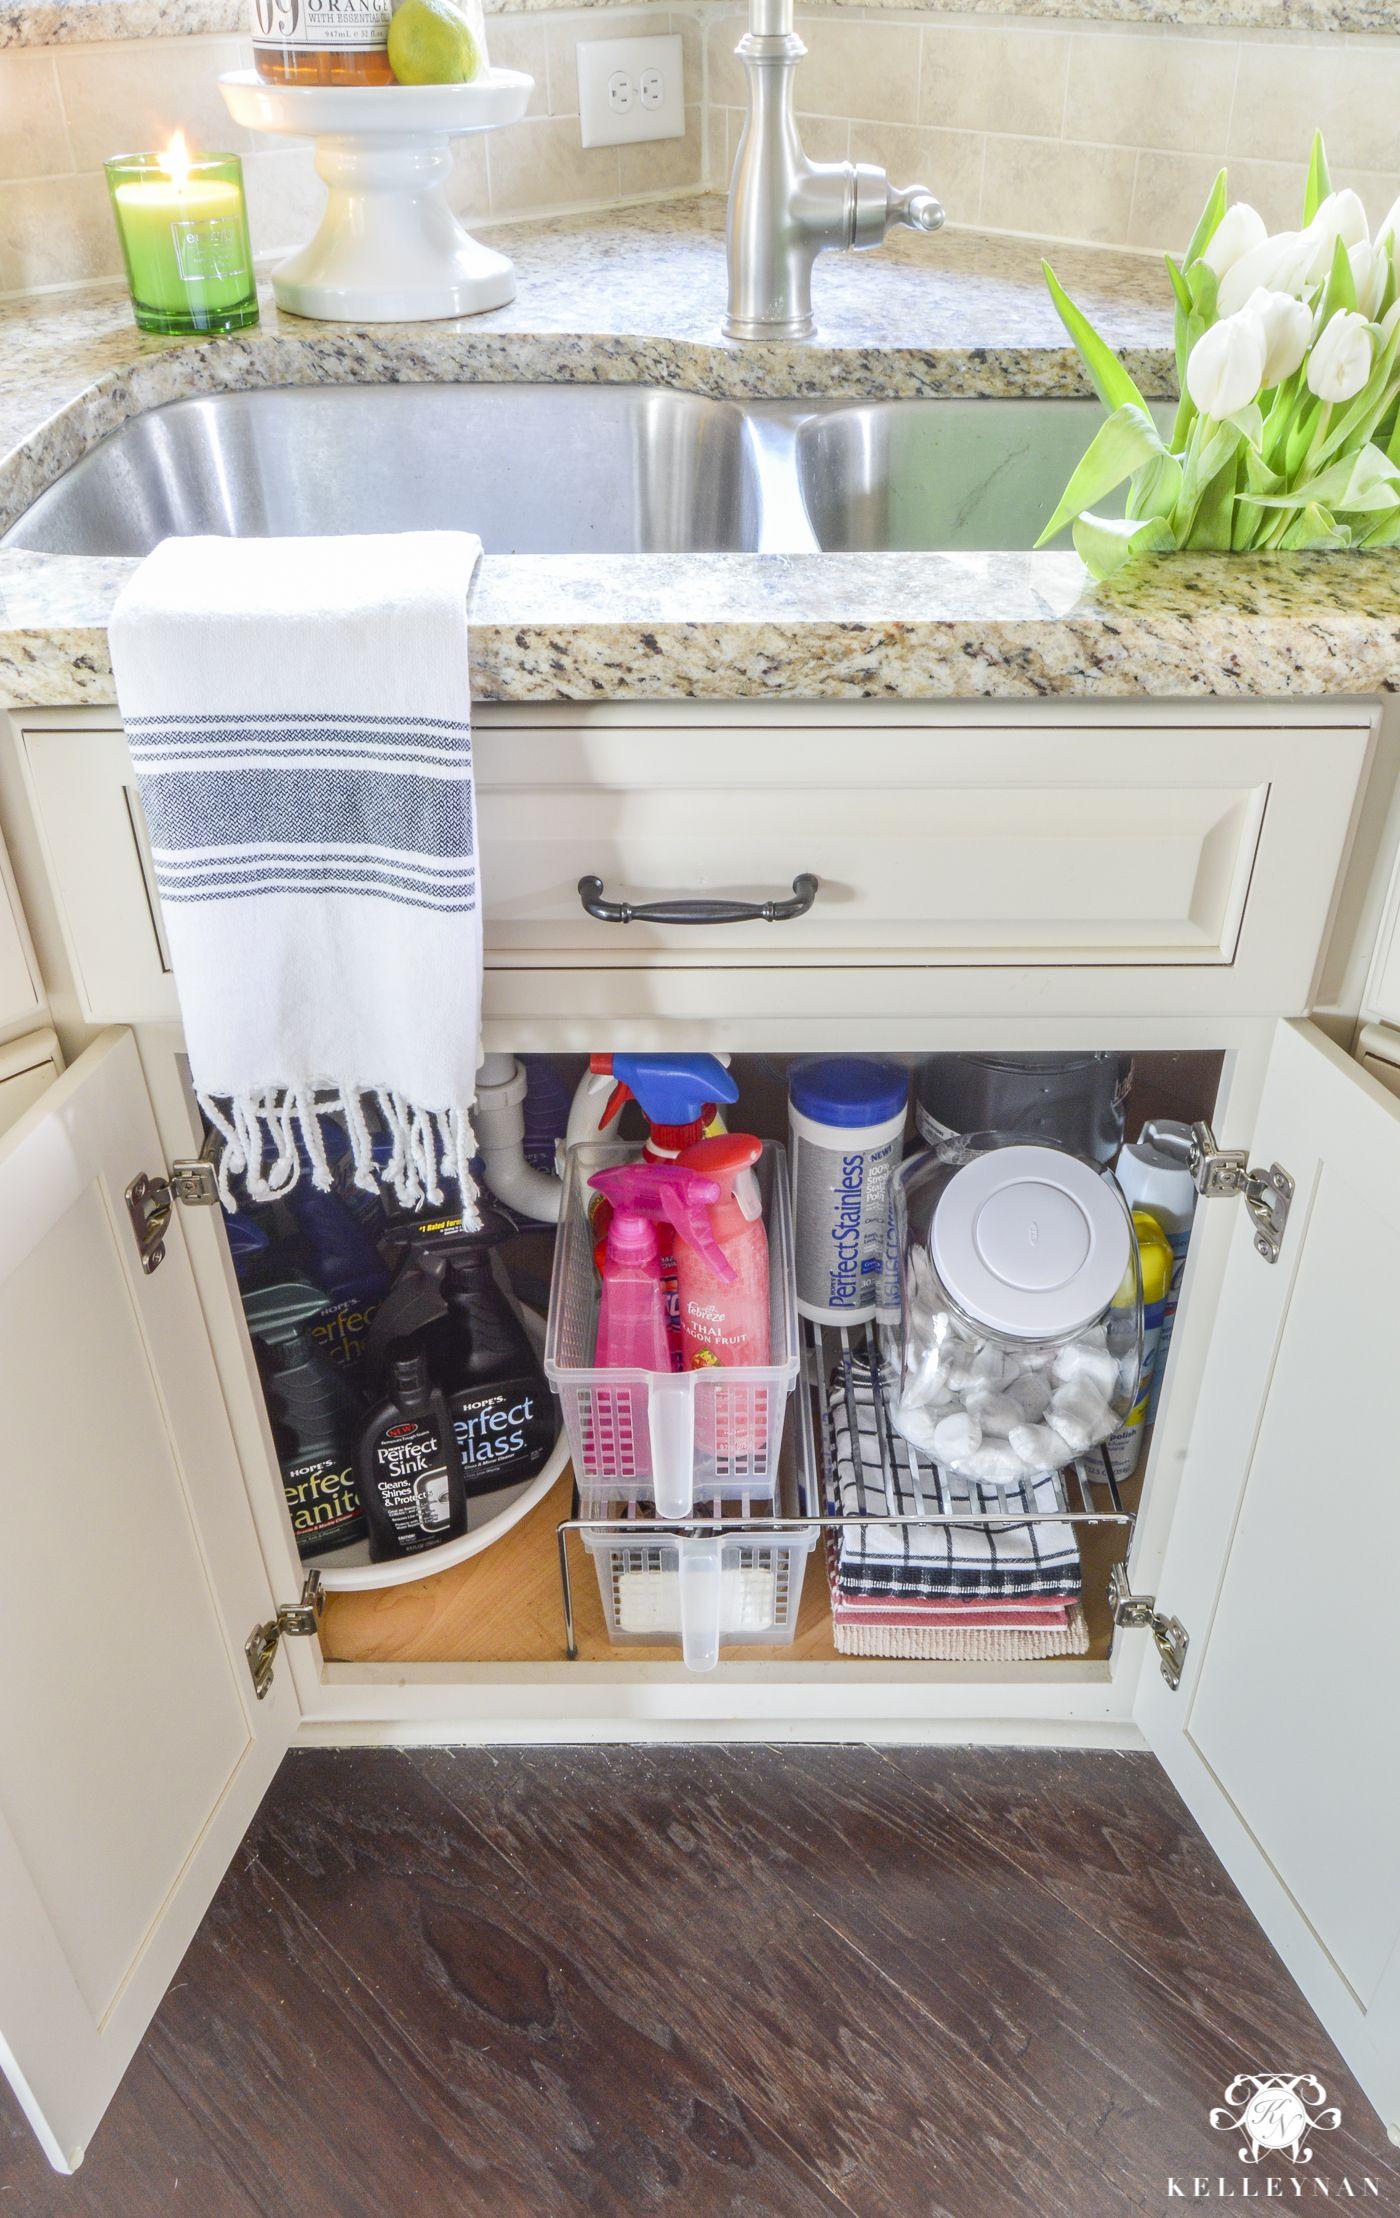 Organization For Under The Kitchen Sink Kelley Nan Kitchen Sink Organization Under Kitchen Sinks Kitchen Organization